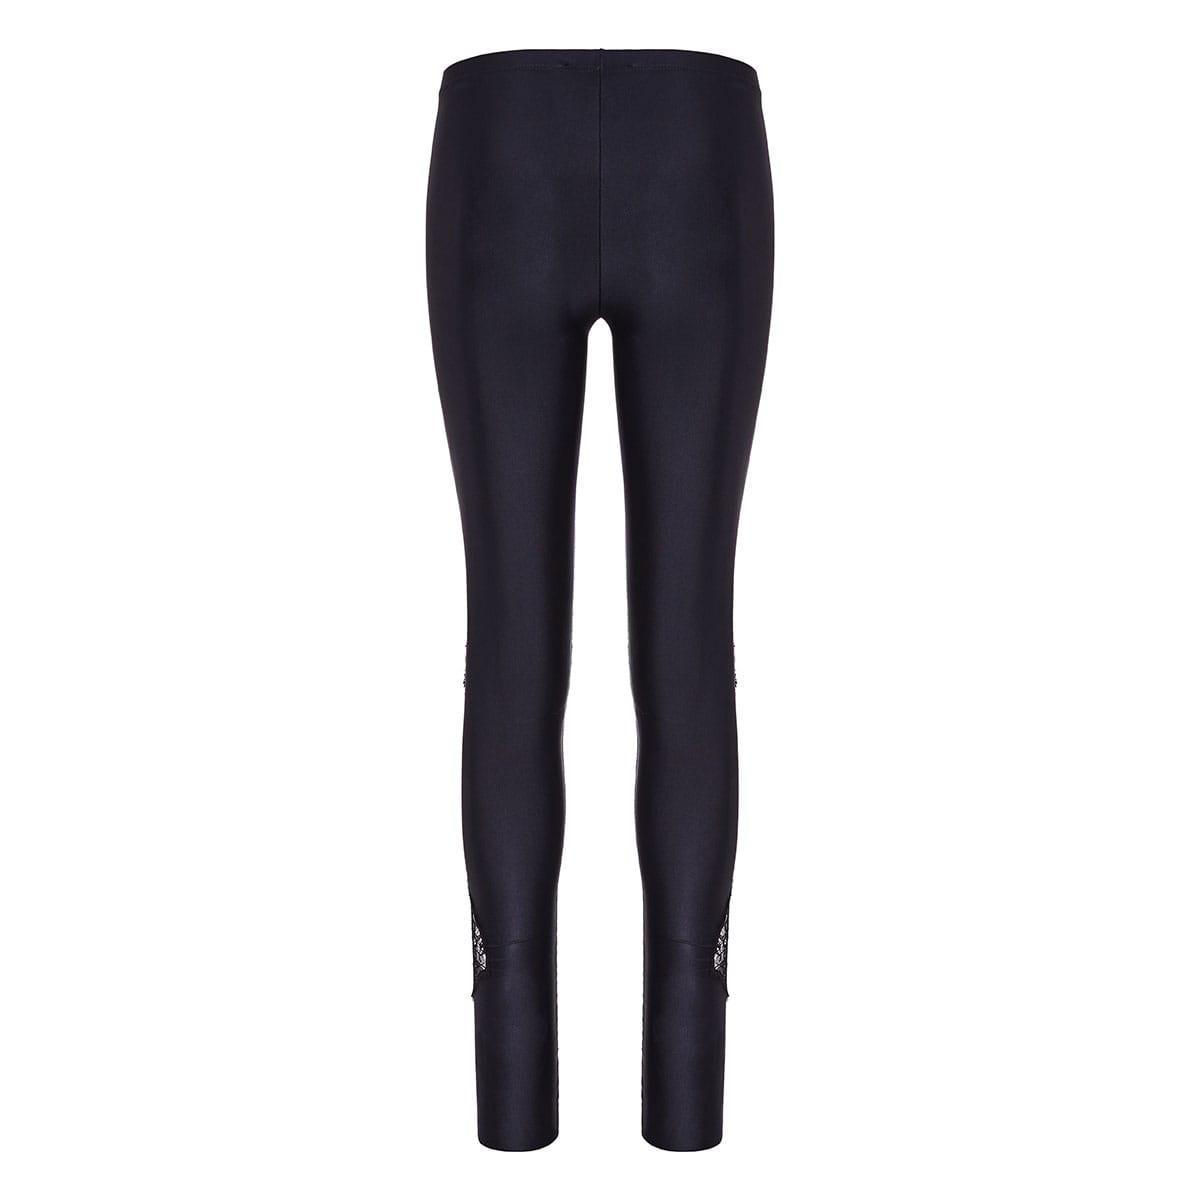 Lace-paneled leggings